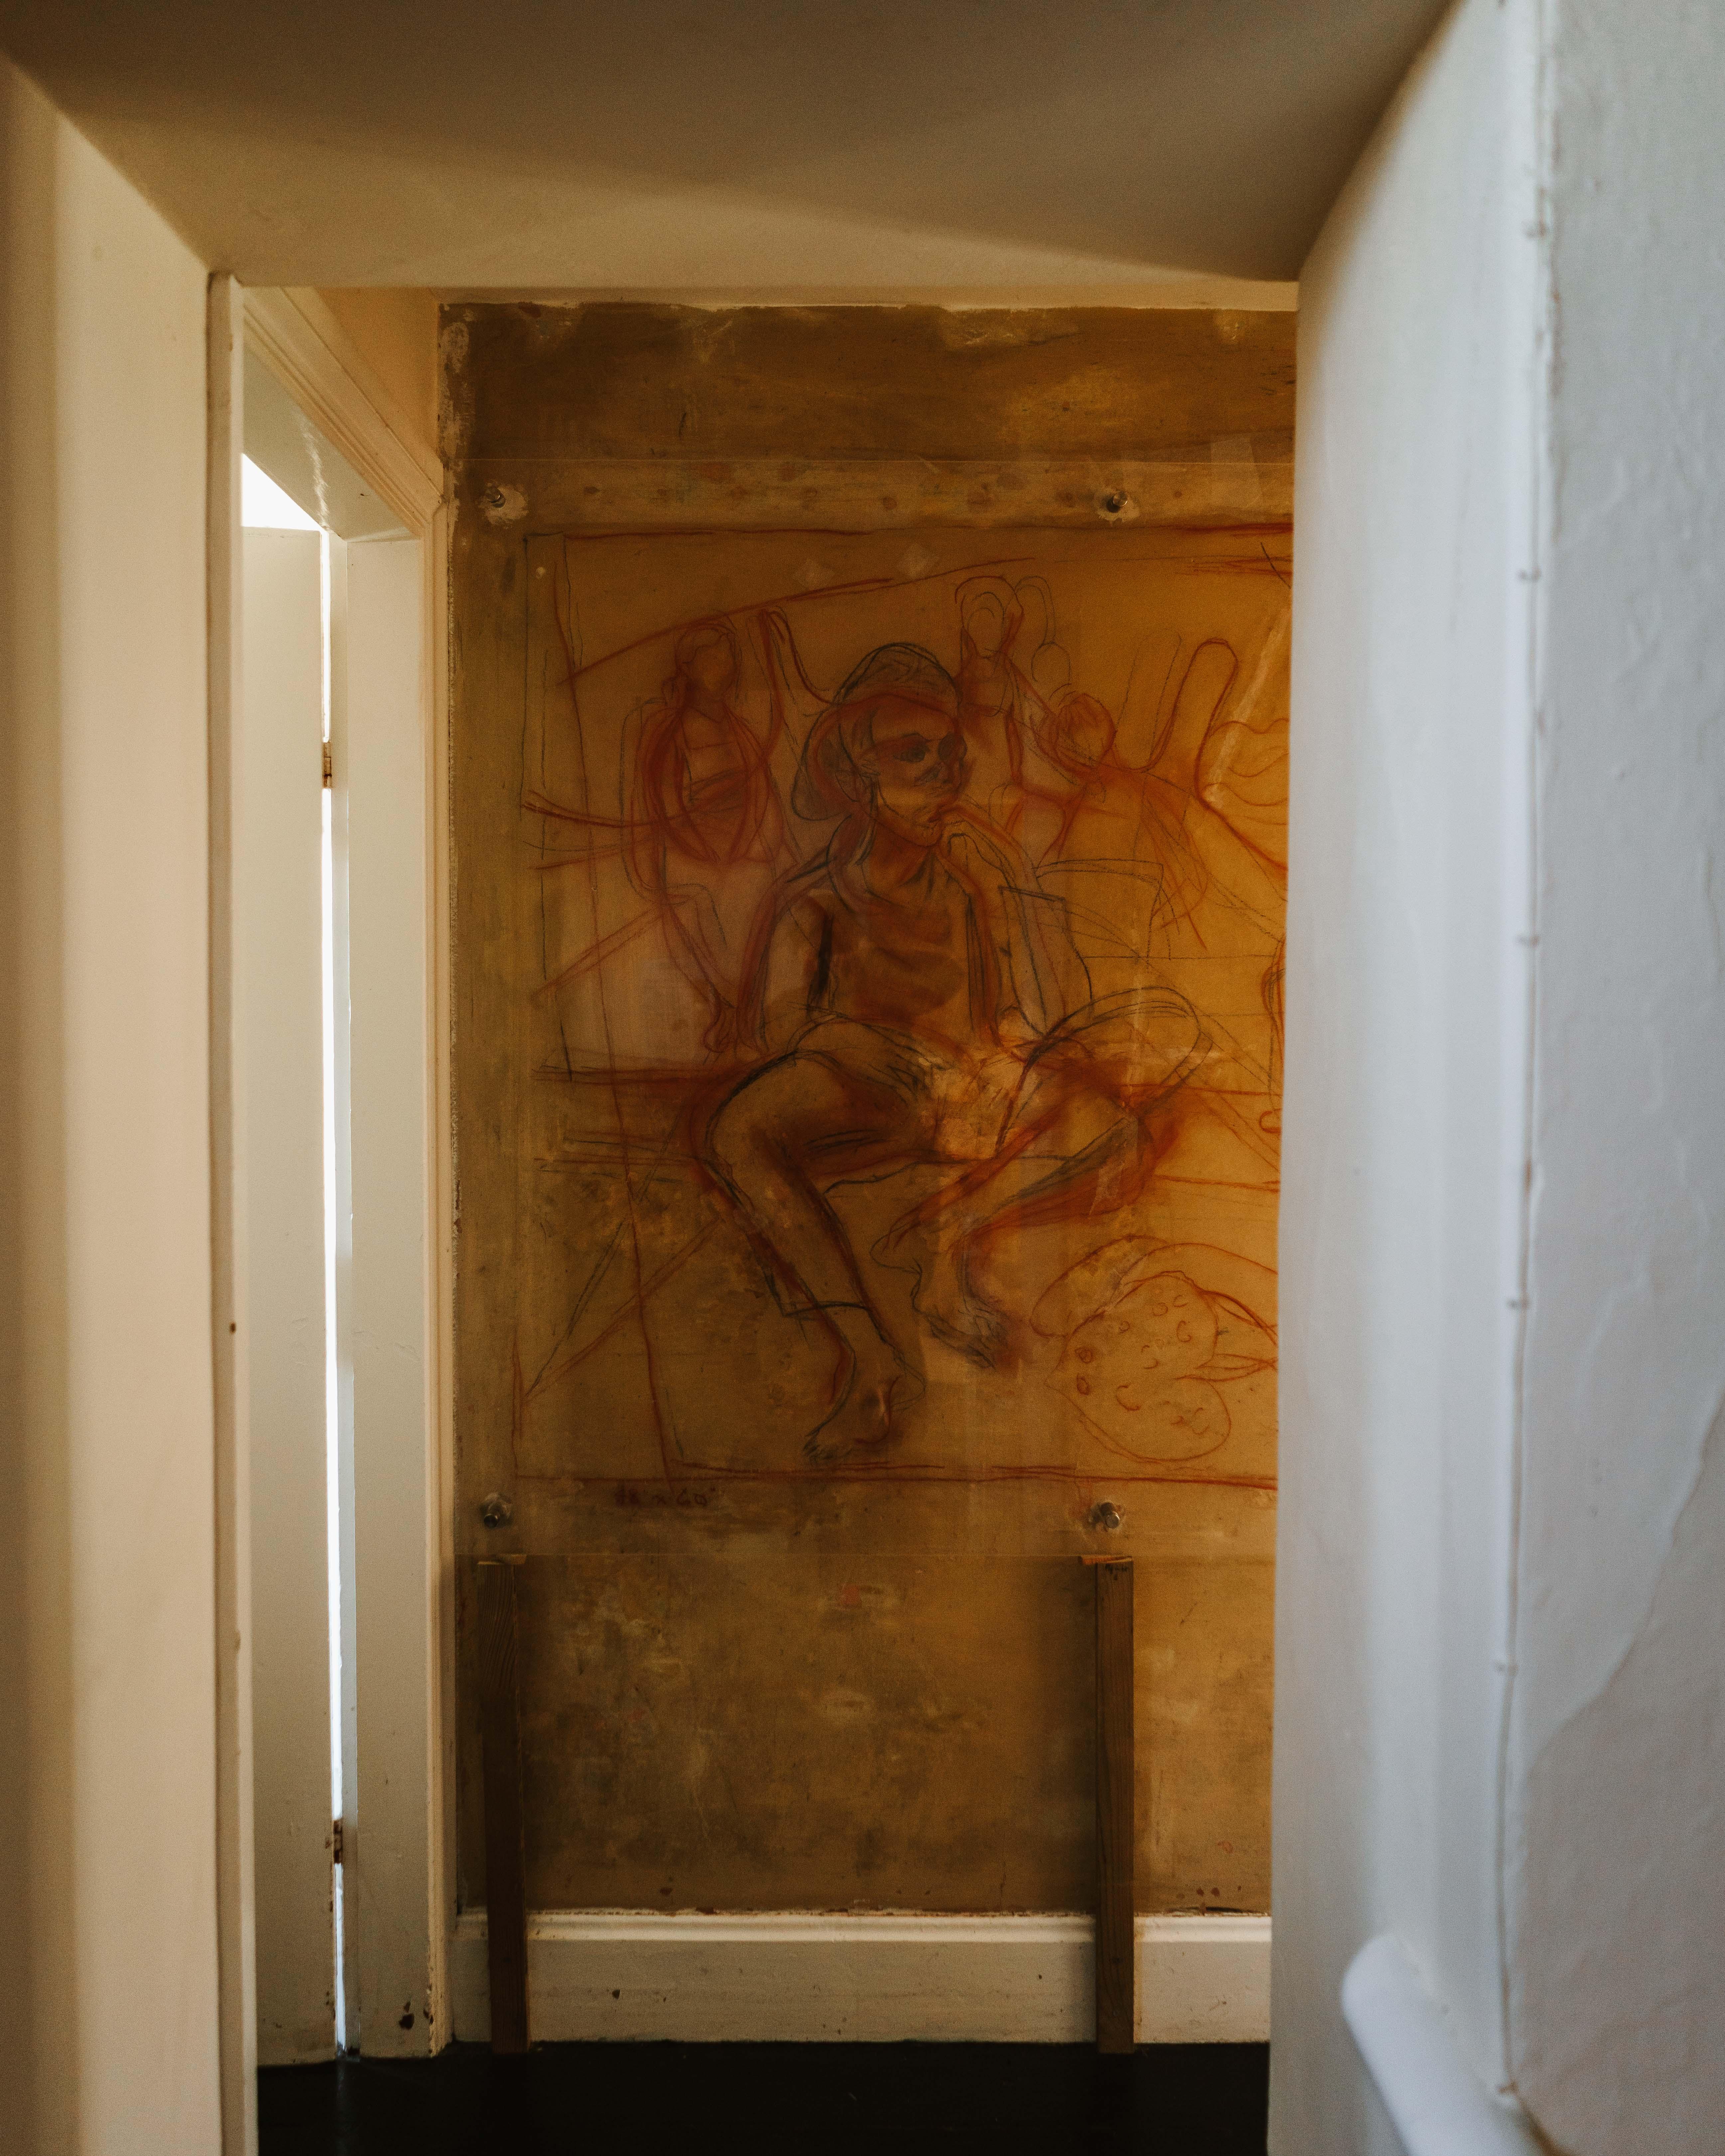 carreg mural isherman